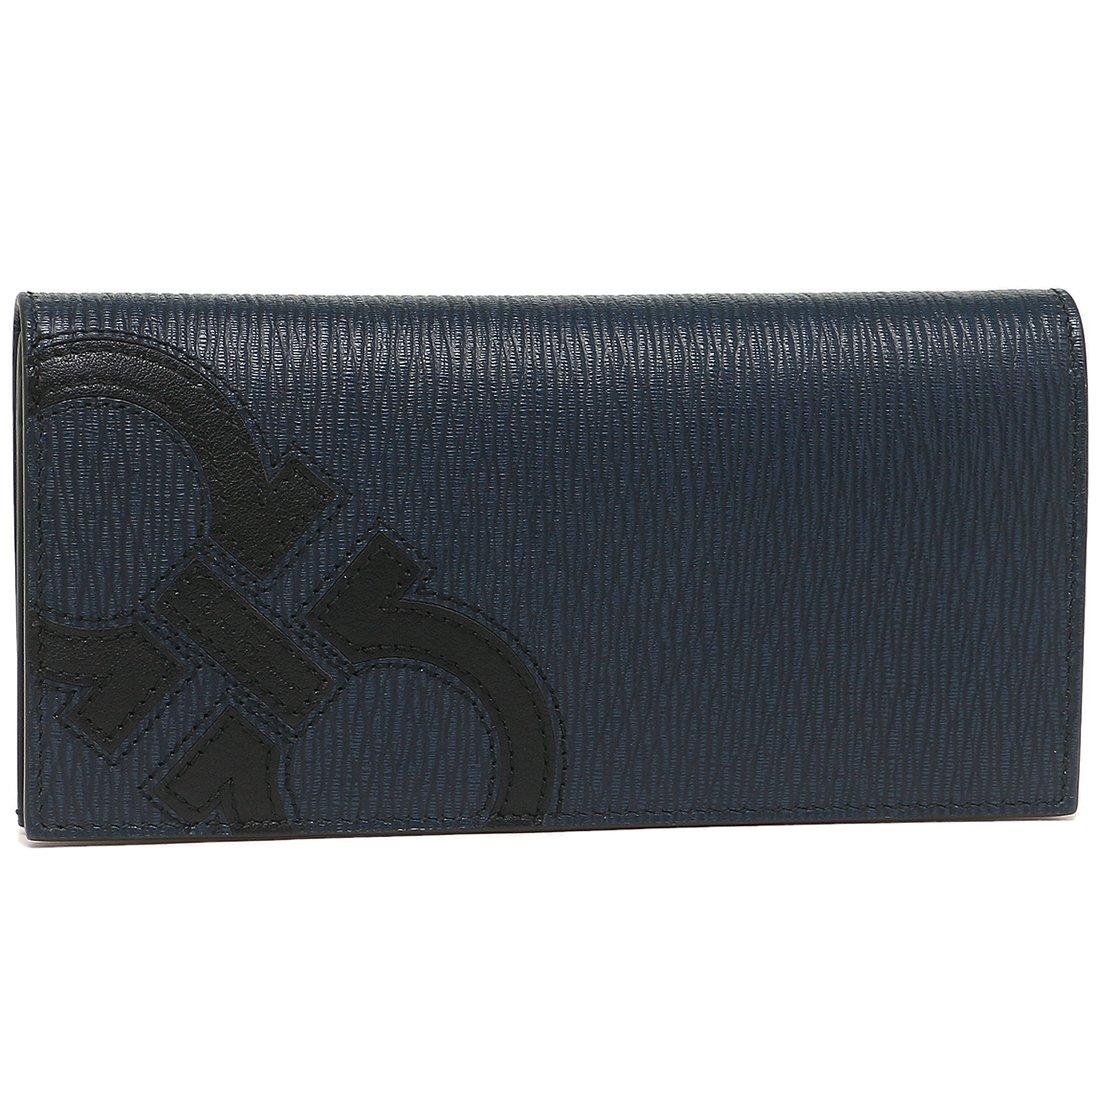 [フェラガモ] 長財布 メンズ Salvatore Ferragamo 66A281 0698826 ブルー [並行輸入品] B07F1K3YGQ